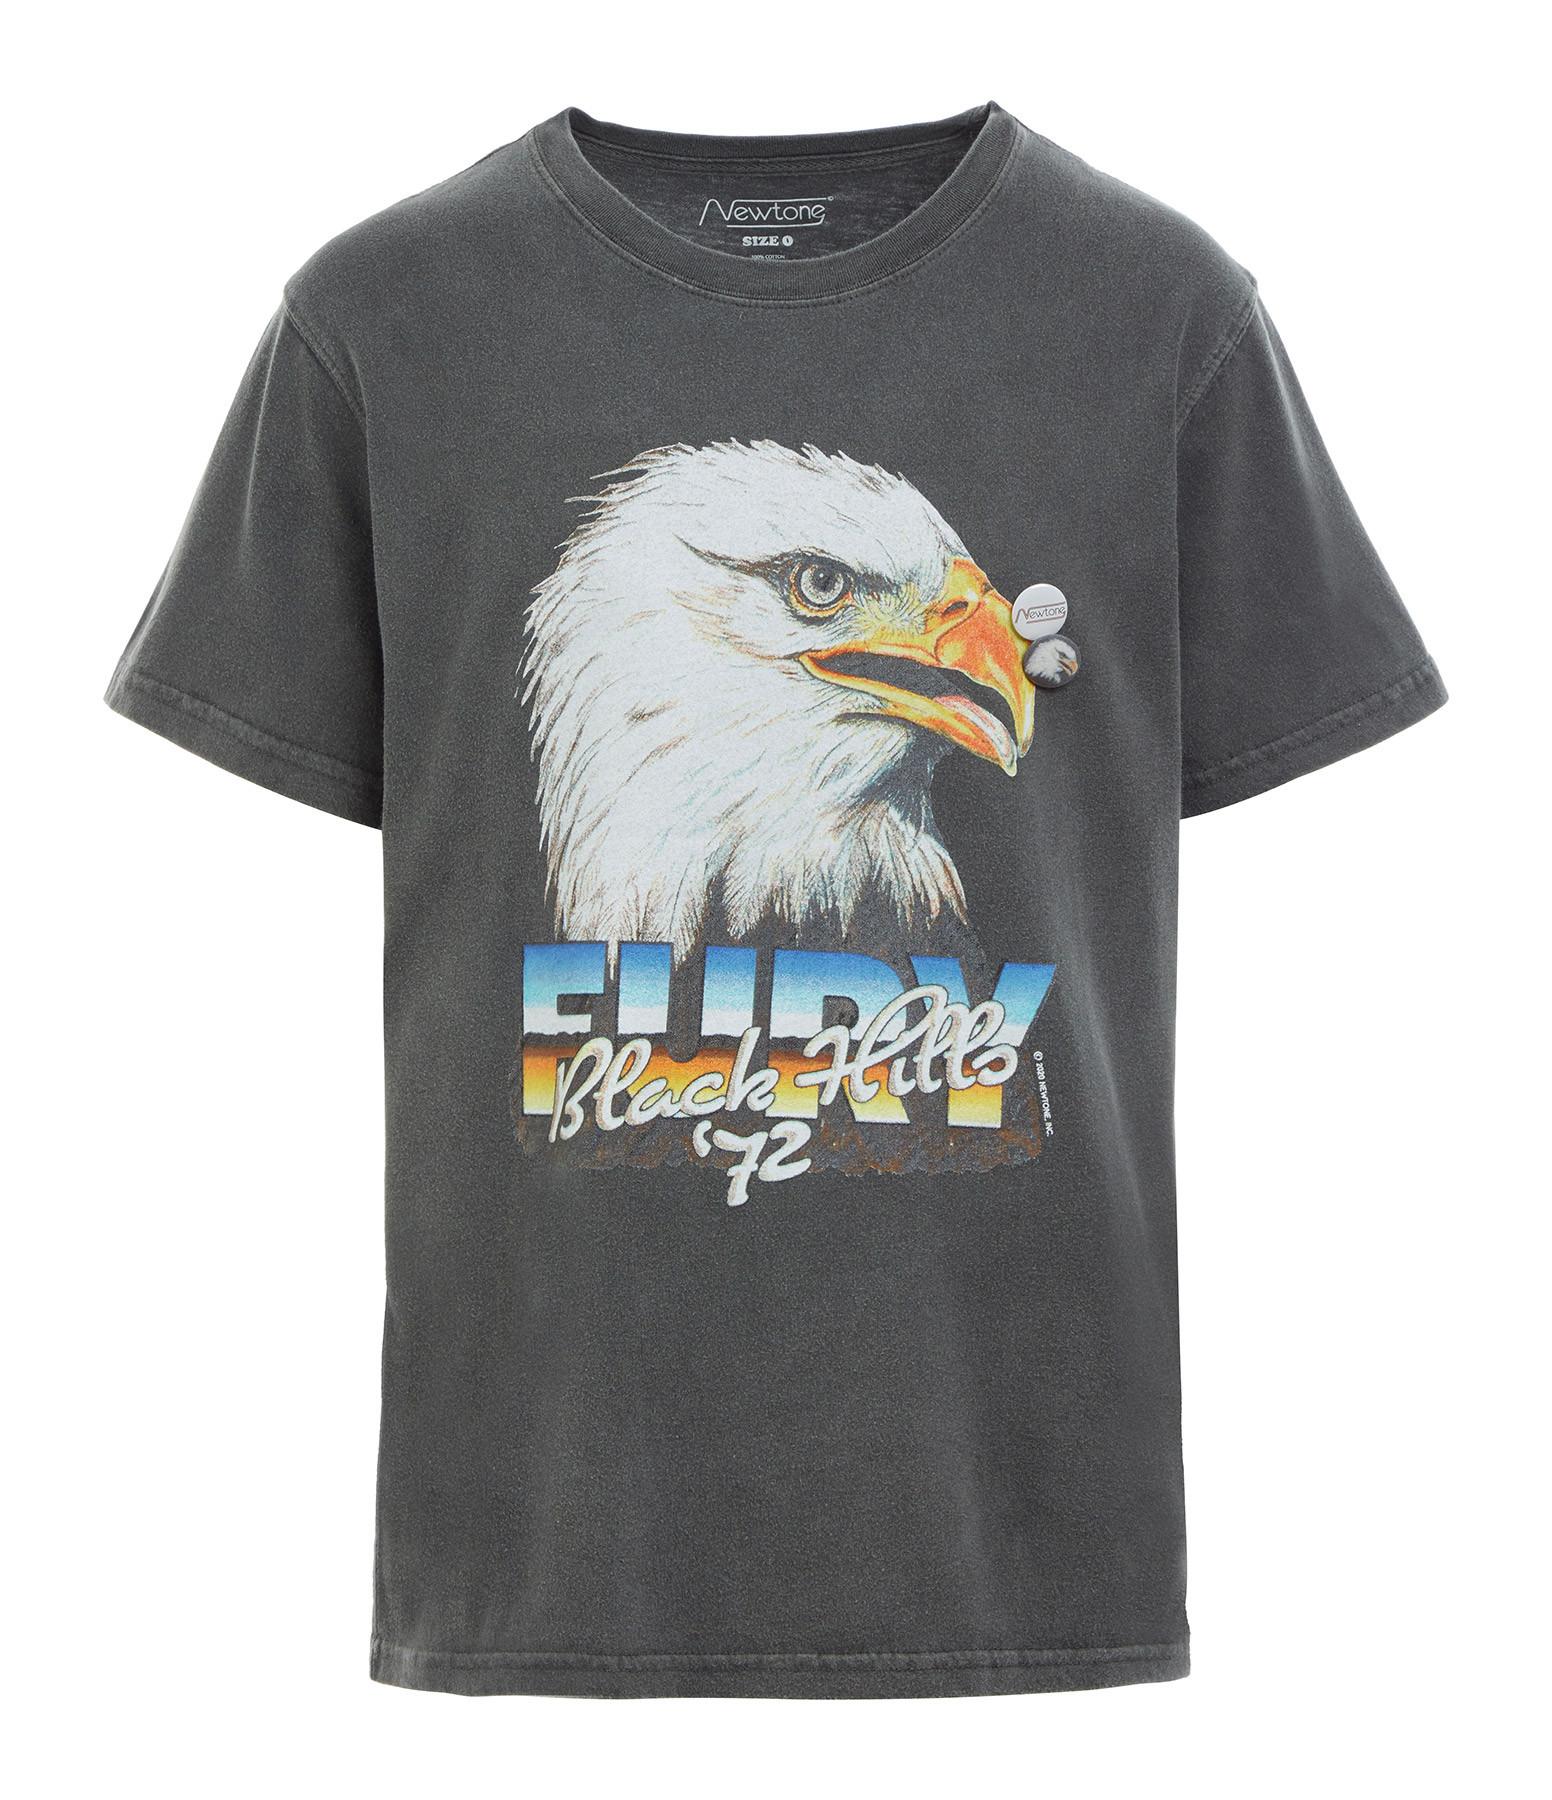 NEWTONE - Tee-shirt Trucker Hills Coton Pepper